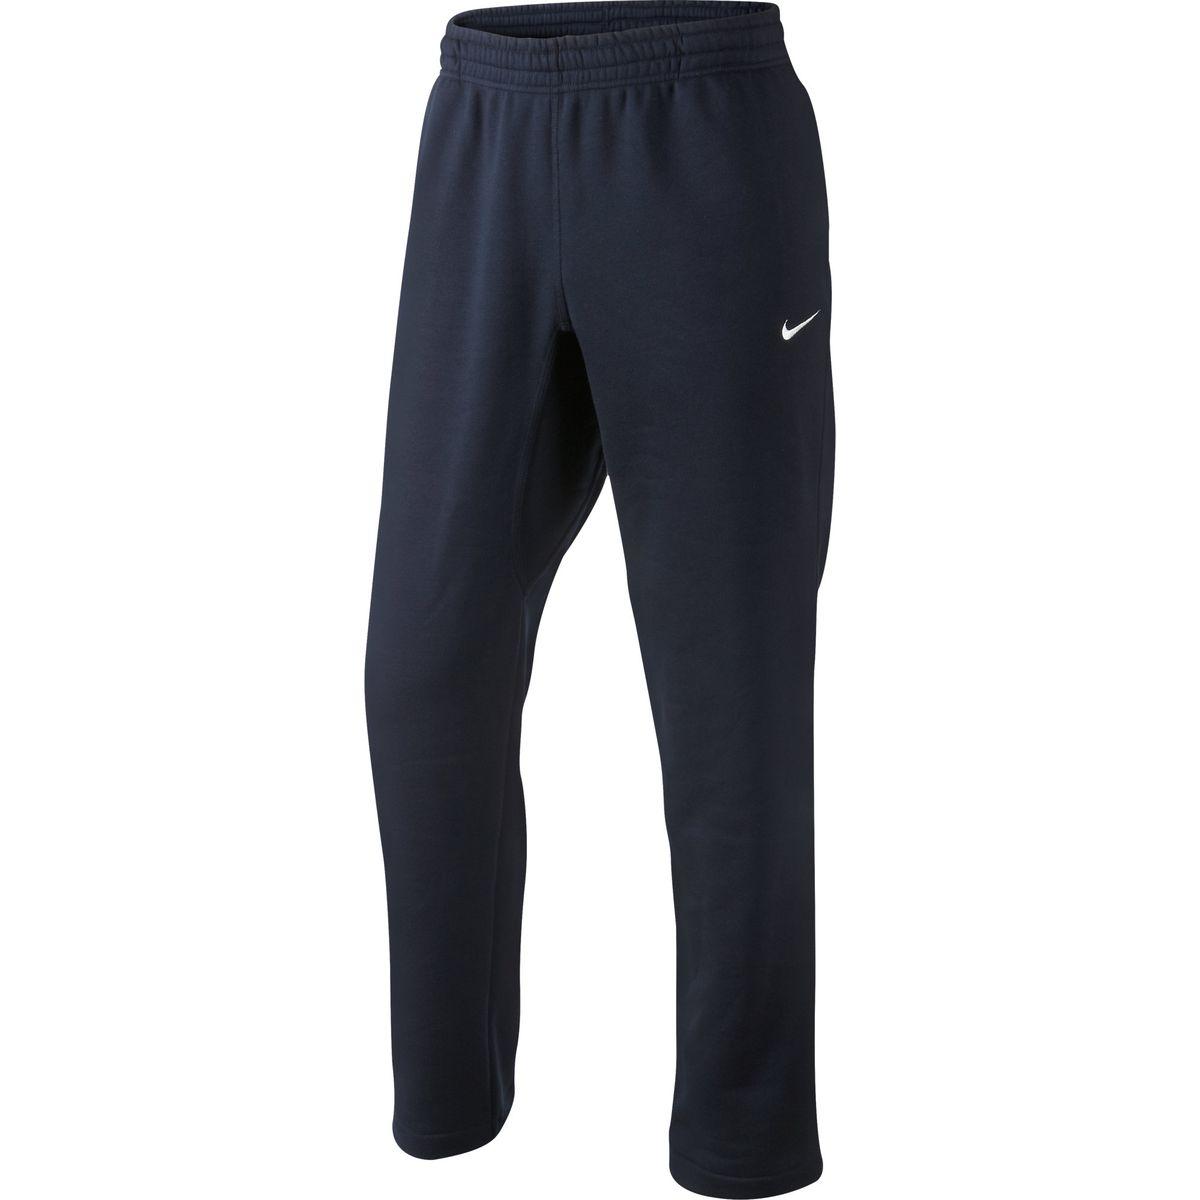 611458-010Классические черные брюки на резинке для плотной посадки. Изделие изготовлено из хлопка, износостойкого и приятного на ощупь материала. Сдержанный дизайн без лишних деталей делает данную модель еще более универсальной. Свободный крой делает их удобными и комфортными для повседневной носки. Подходят как для тренировок, так и для отдыха.